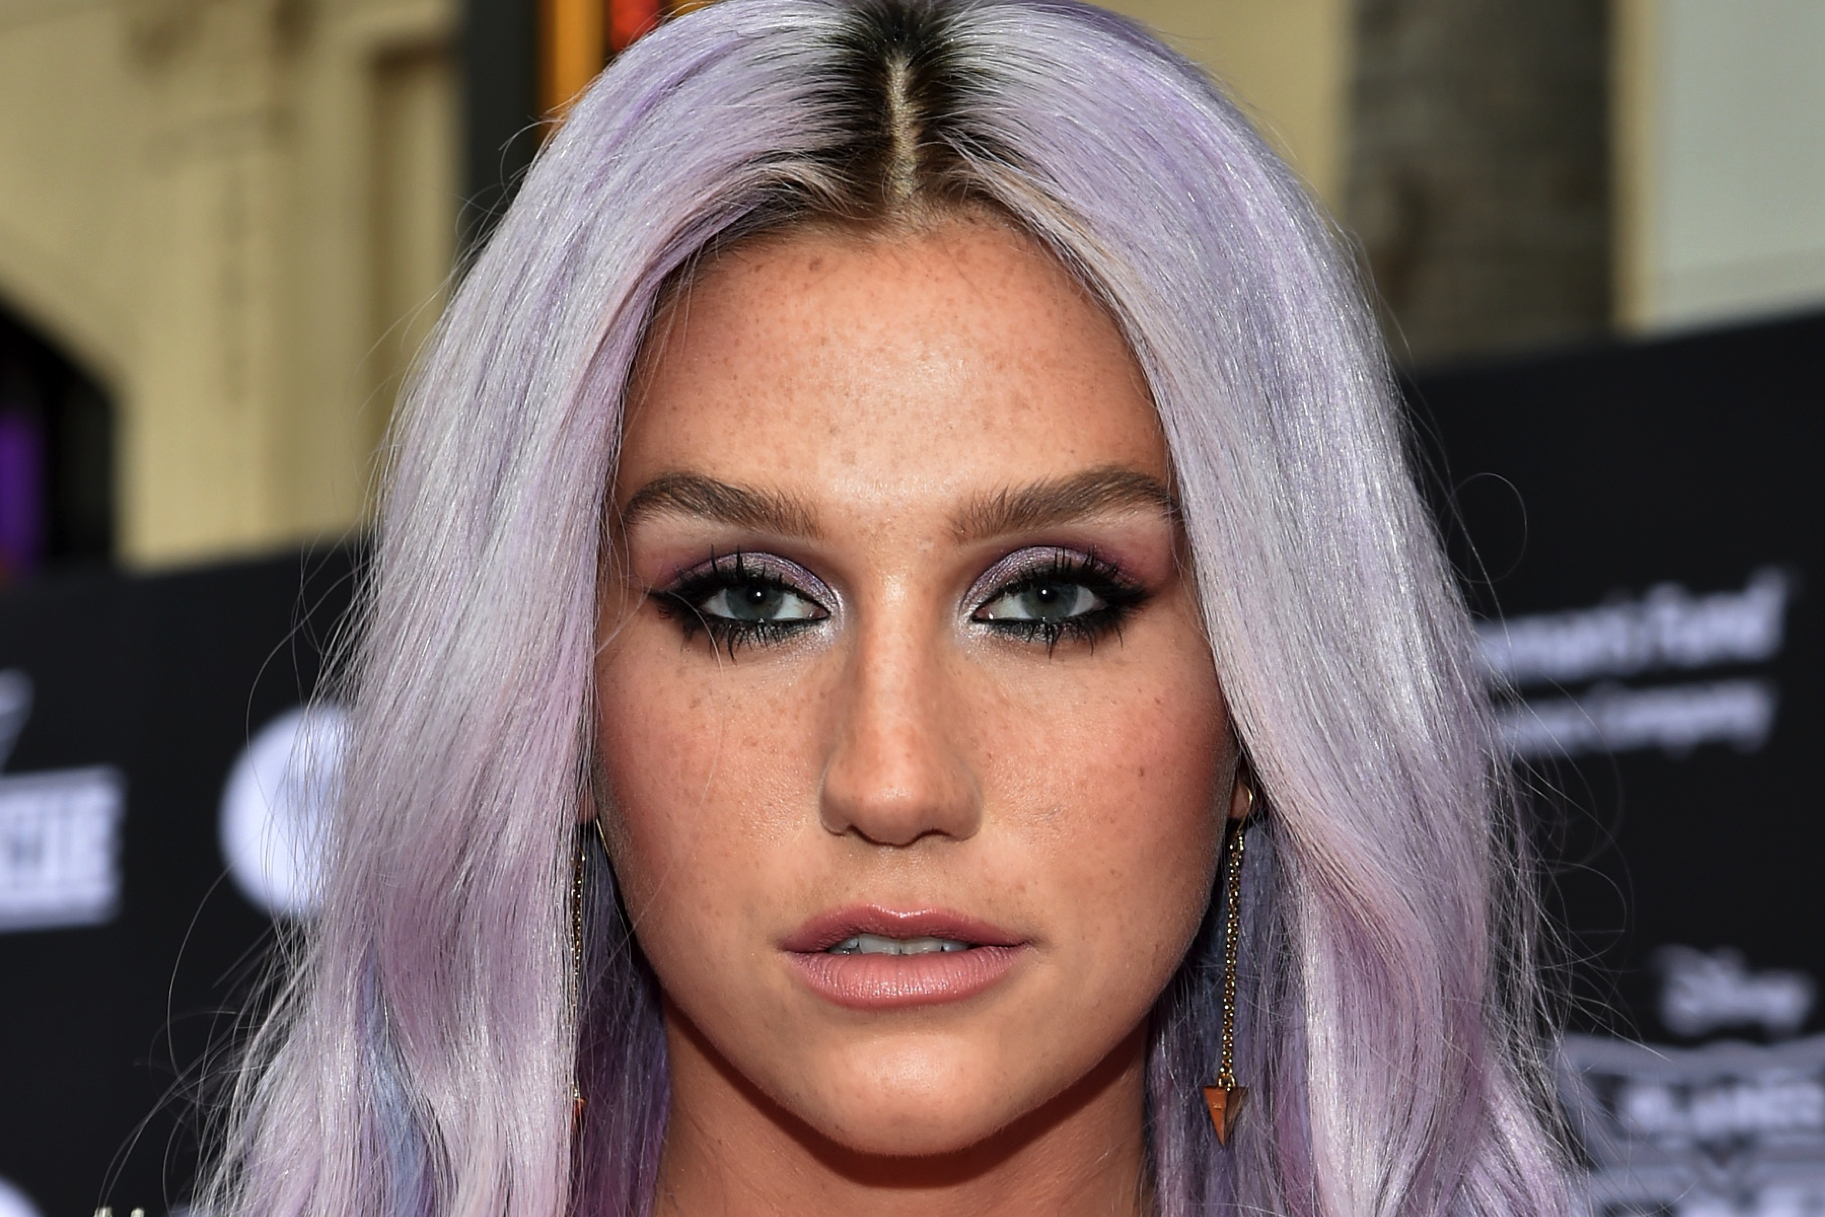 Η Kesha δυσφήμησε τον παραγωγό της στέλνοντας ένα κείμενο στην Lady Gaga, σύμφωνα με τον δικαστή